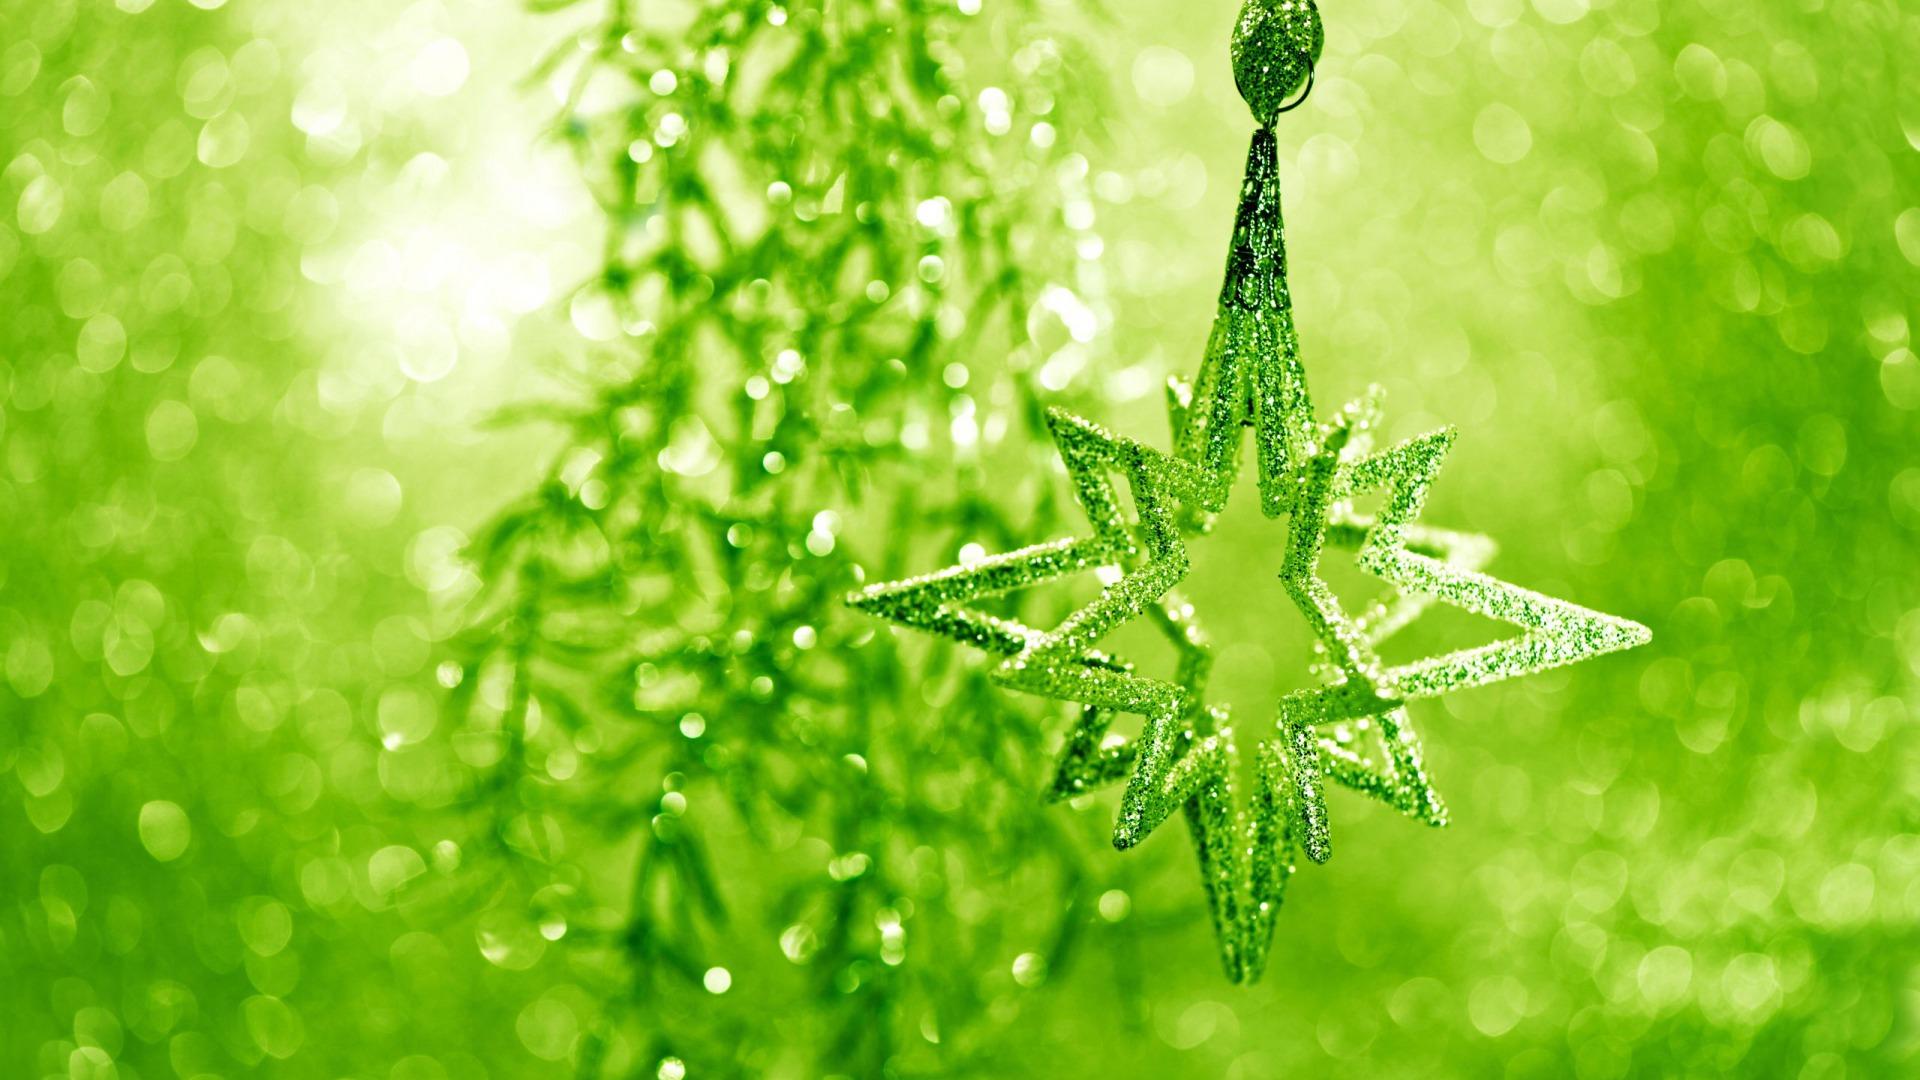 Bộ Sưu Tập Ảnh Giáng Sinh - Page 3 Christmasstar21